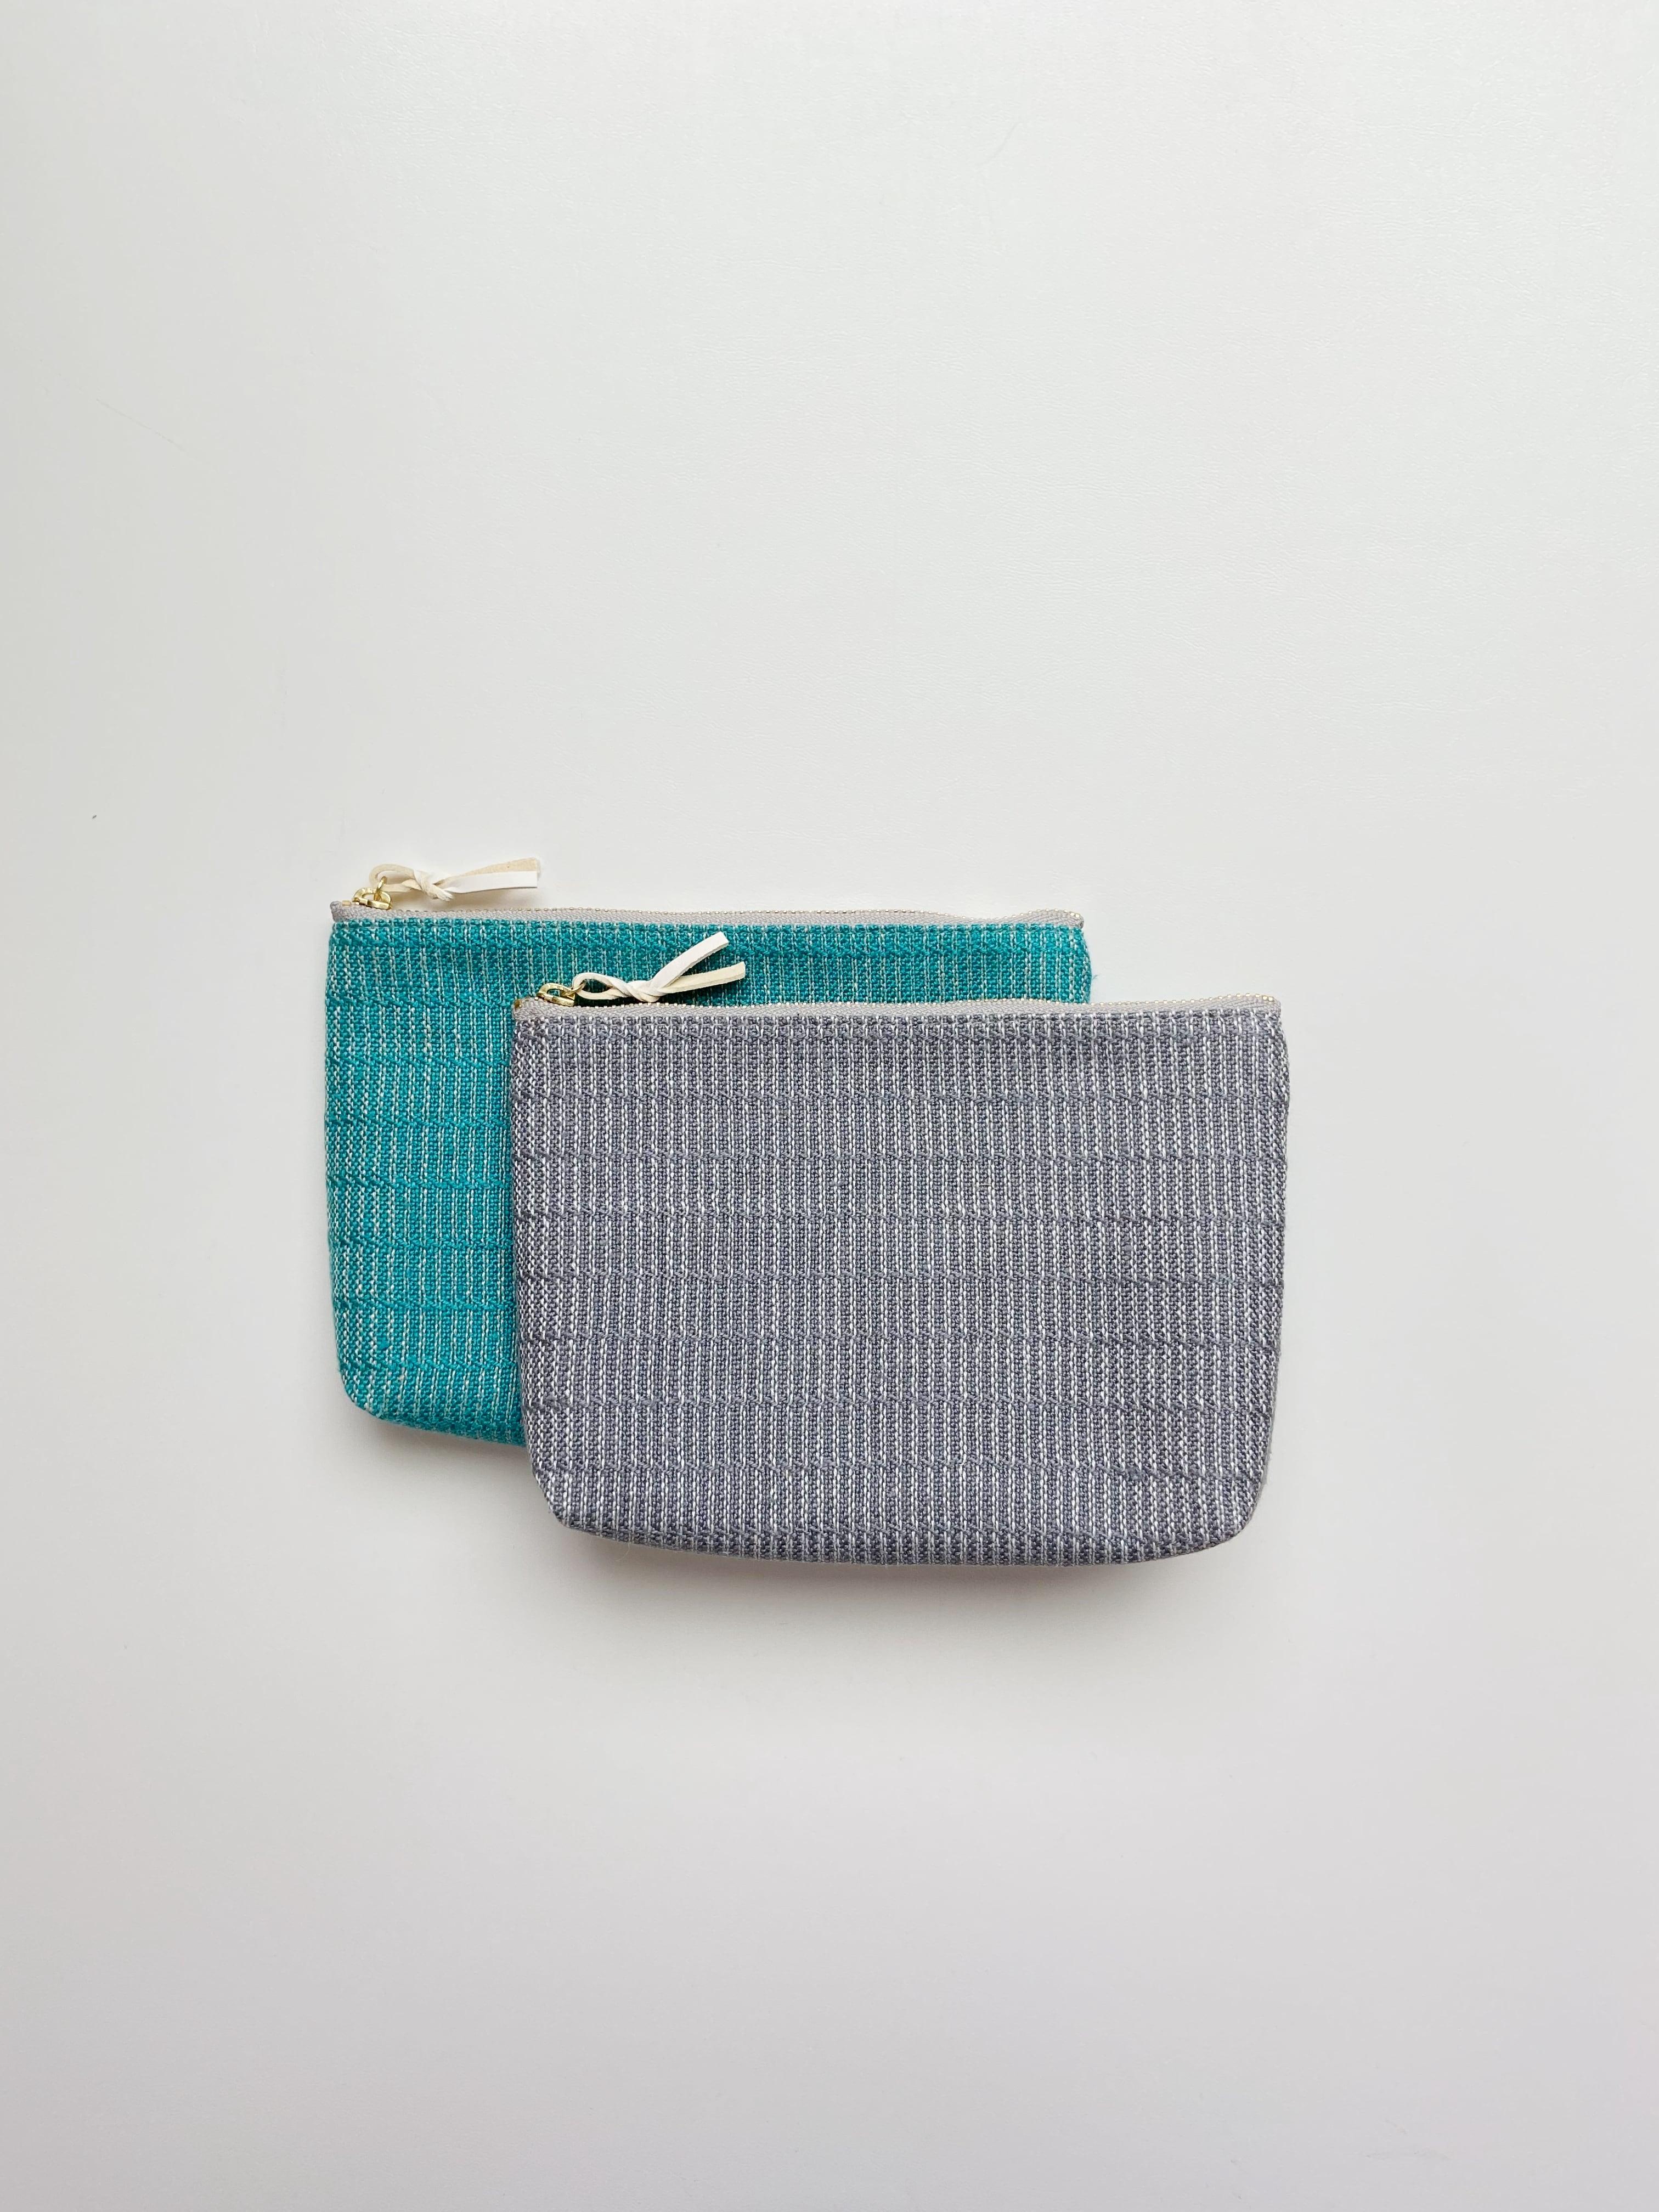 手織りメイクポーチ (HAND WOVEN Make up bag 18cm Alinea)